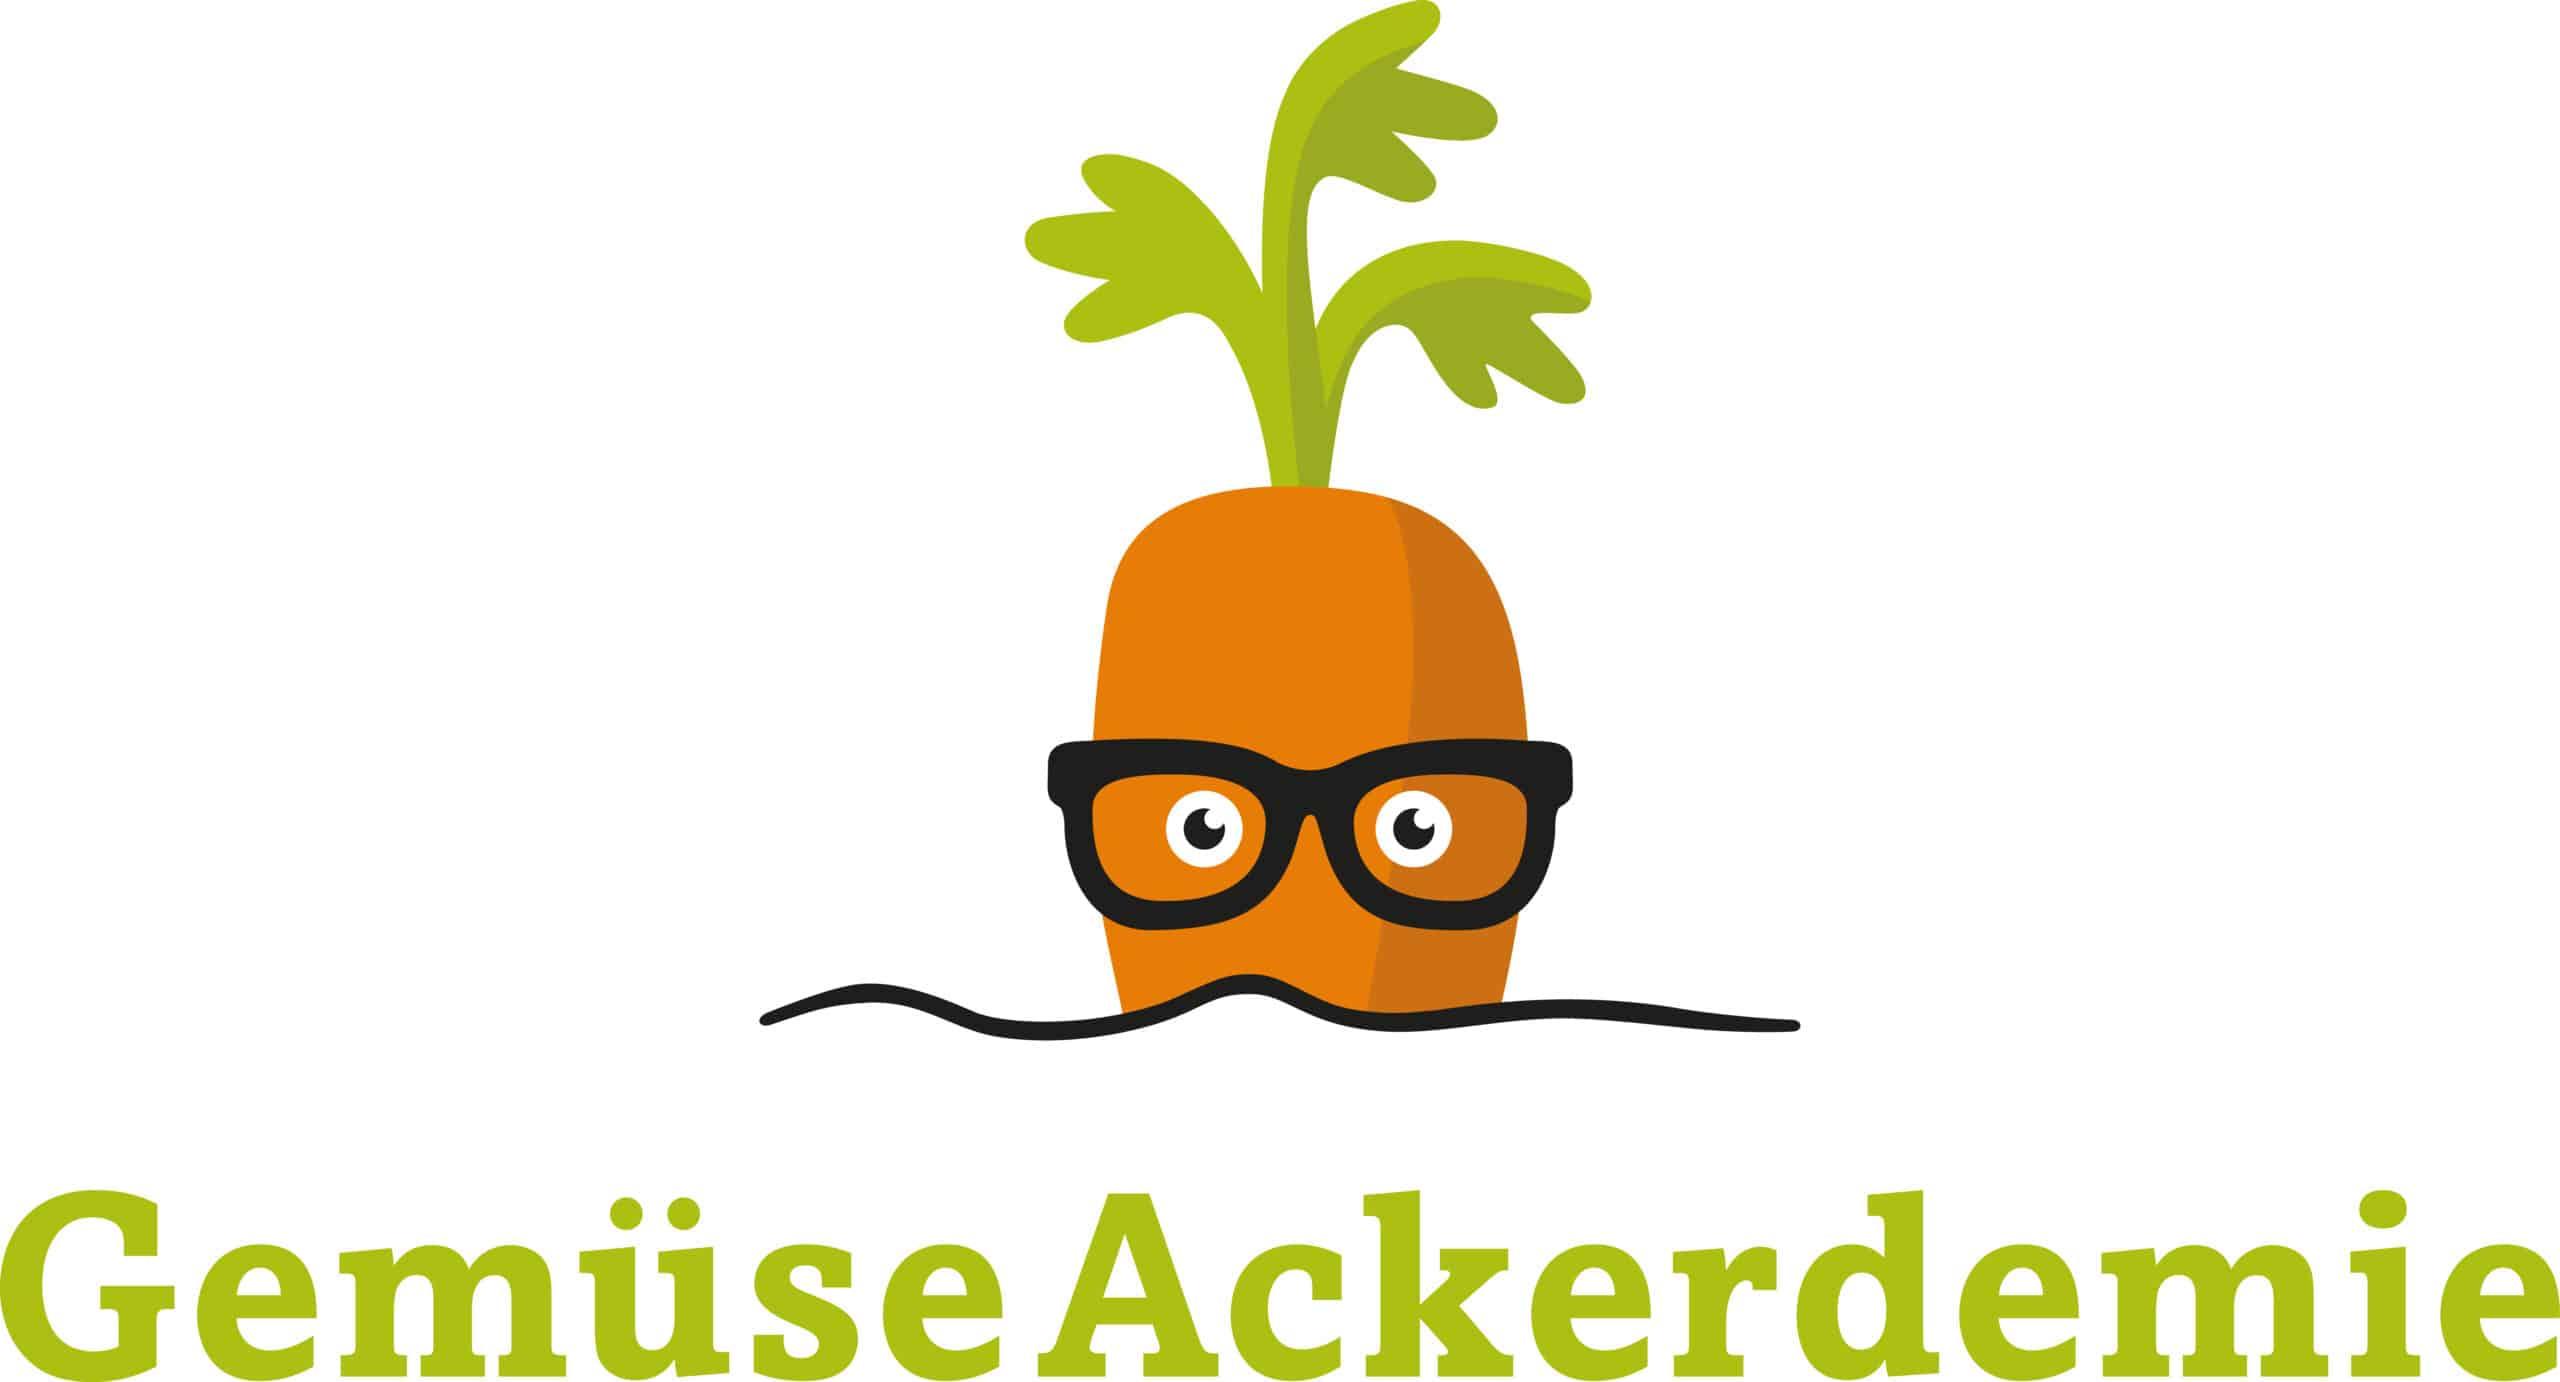 GemüseAckerdemie Österreich gemeinnützige GmbH